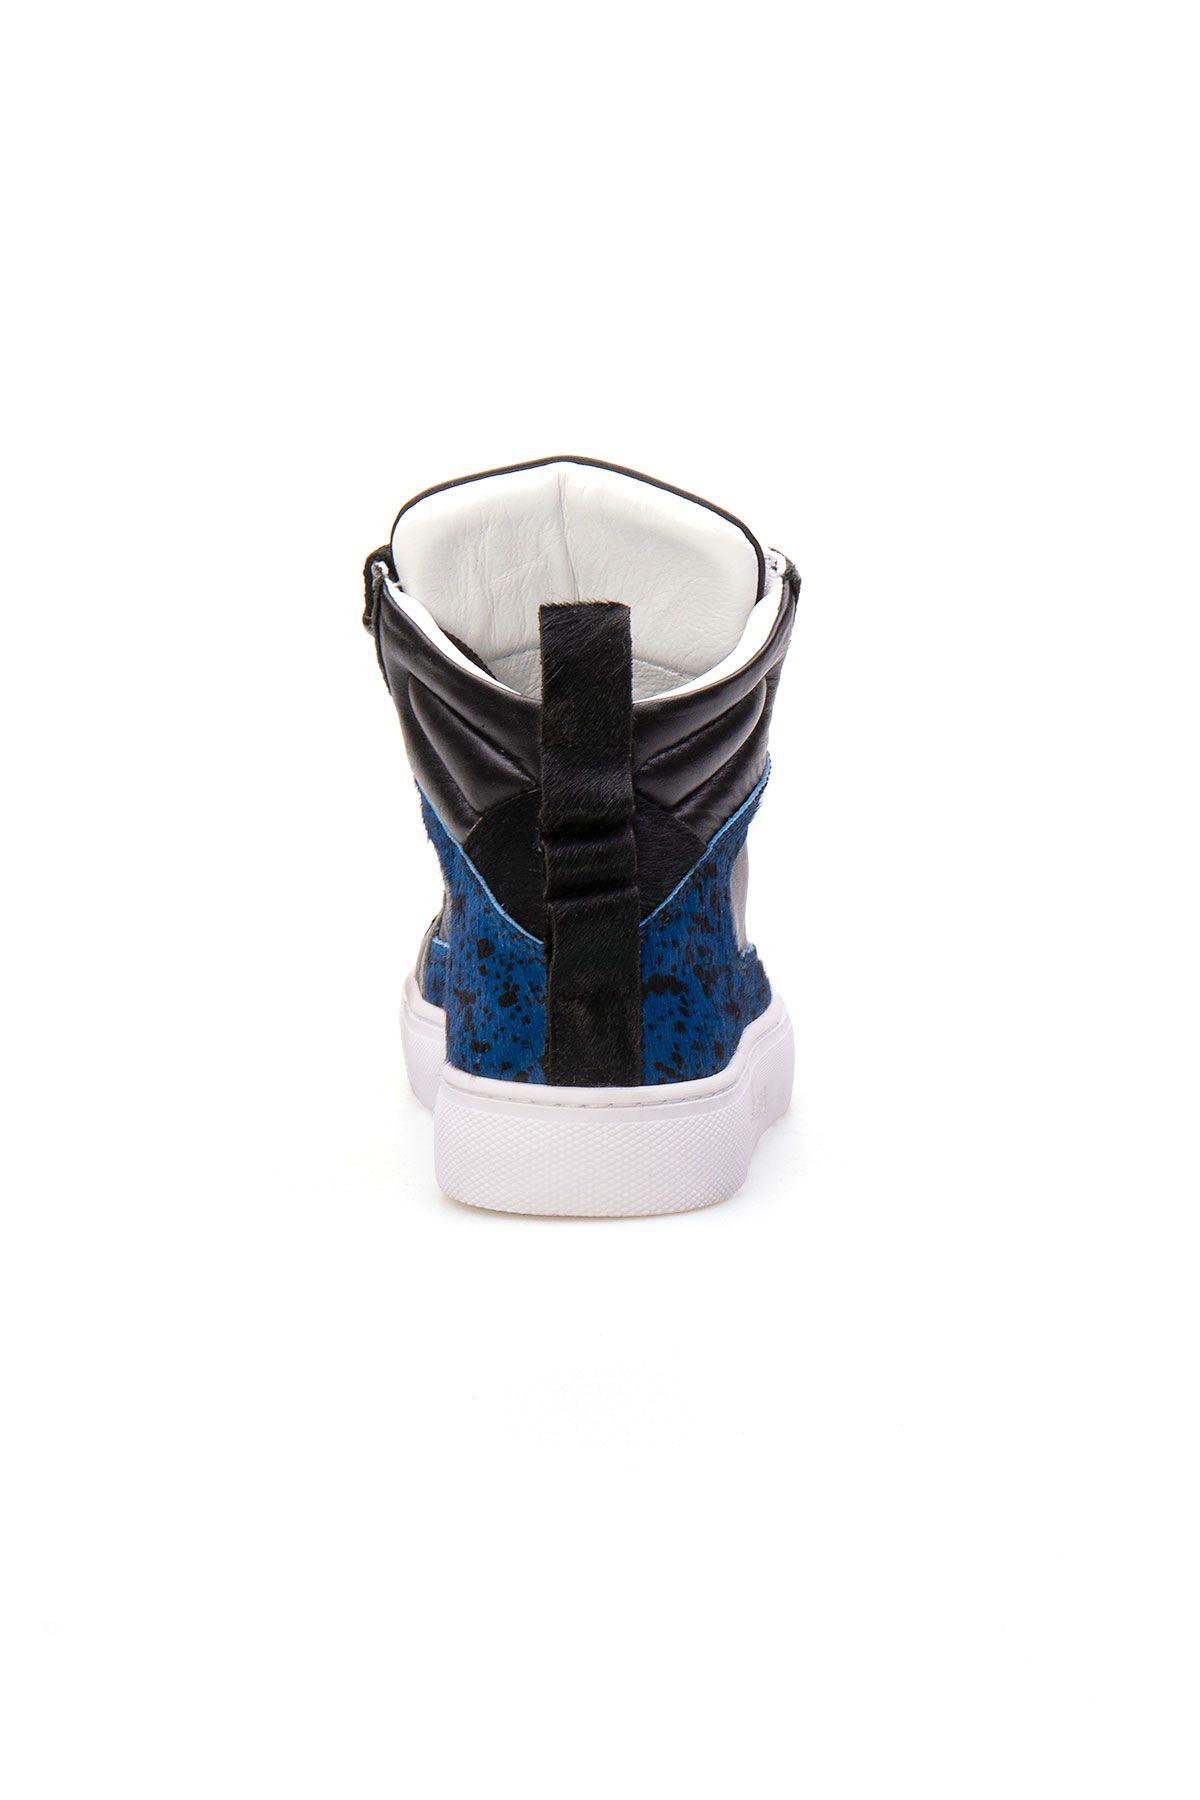 Pegia Genuine Leather Women's Sneaker LA1205 Blue